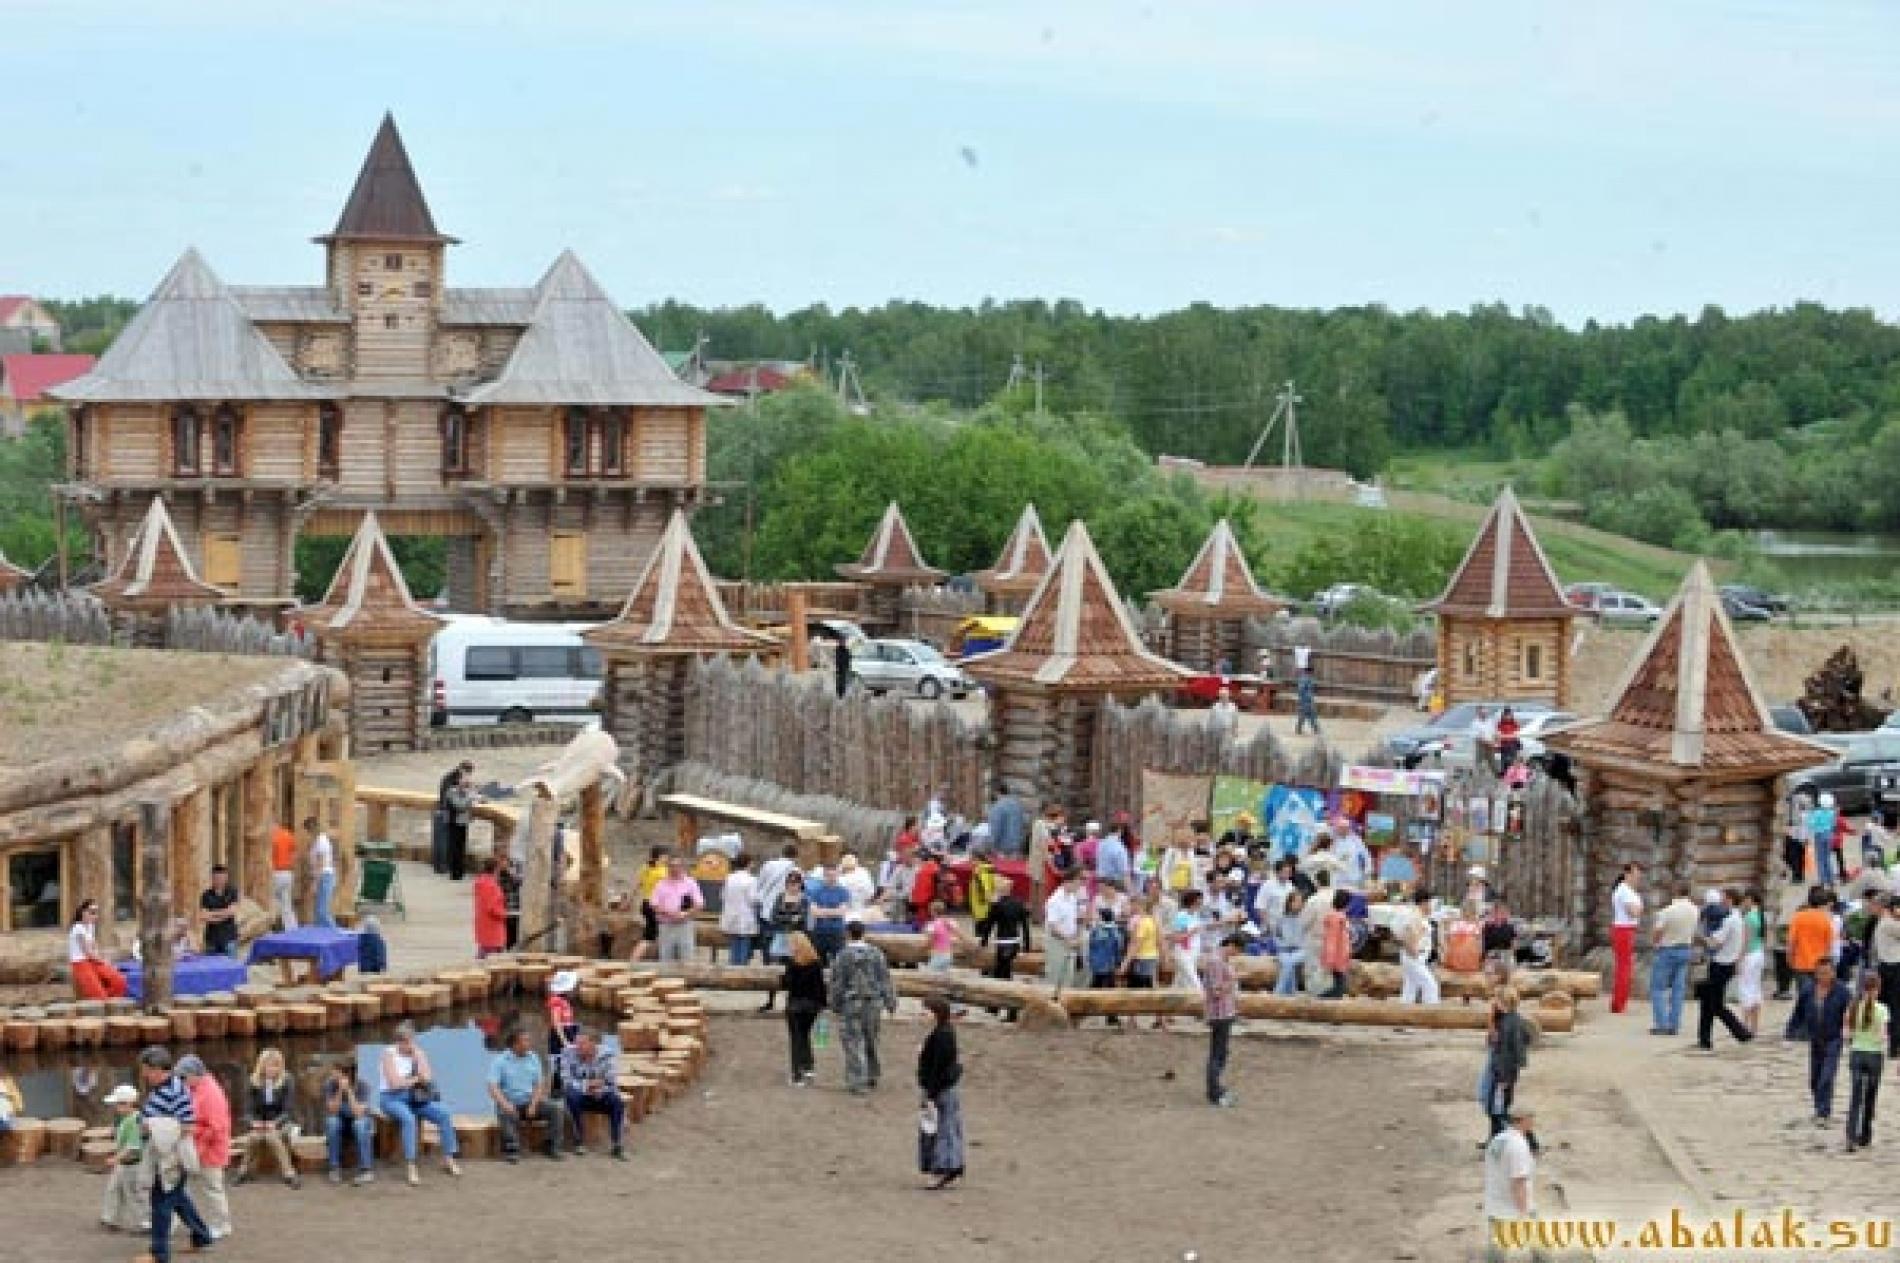 """База отдыха """"Абалак"""" Тюменская область, фото 20"""